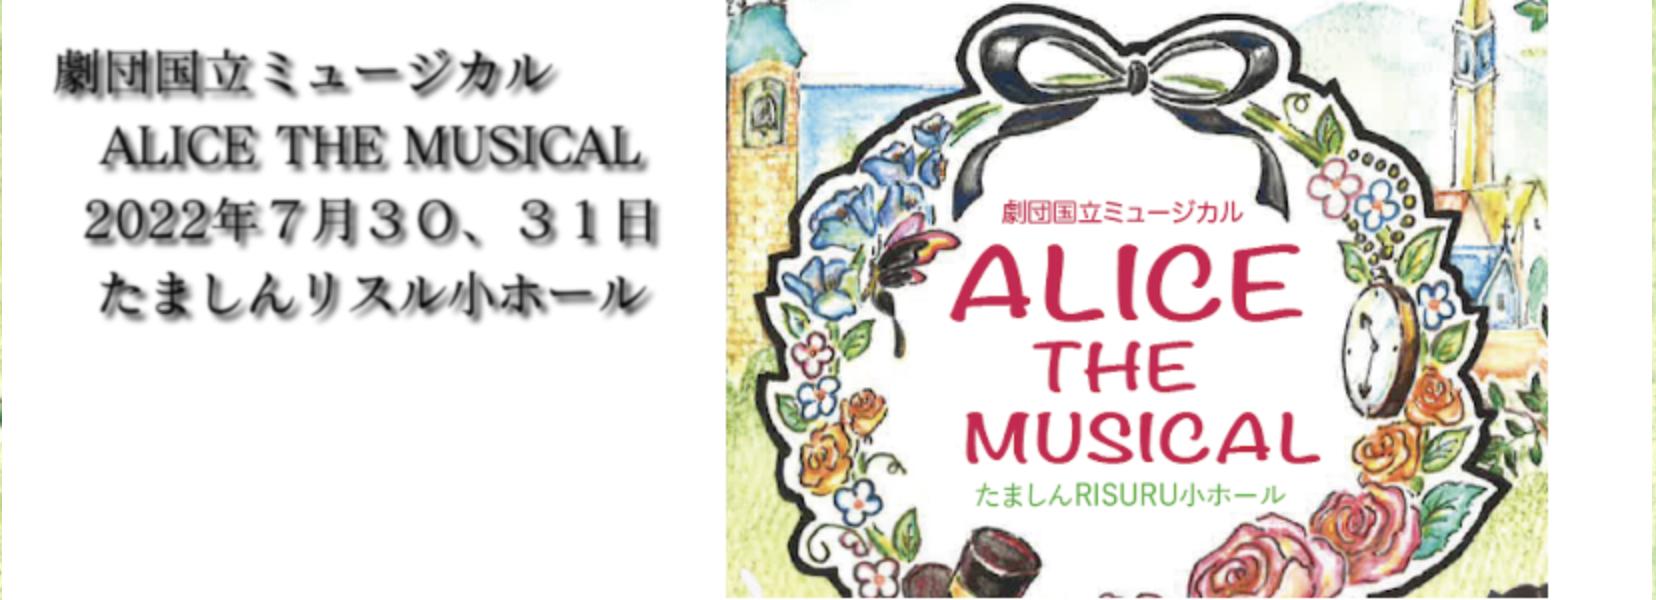 オーディション ALICE THE MUSICAL全キャストオーディション アリスの世界をオリジナルの台本と楽曲で描き、4年ぶりに再演いたします 主催:劇団国立ミュージカル、カテゴリ:舞台